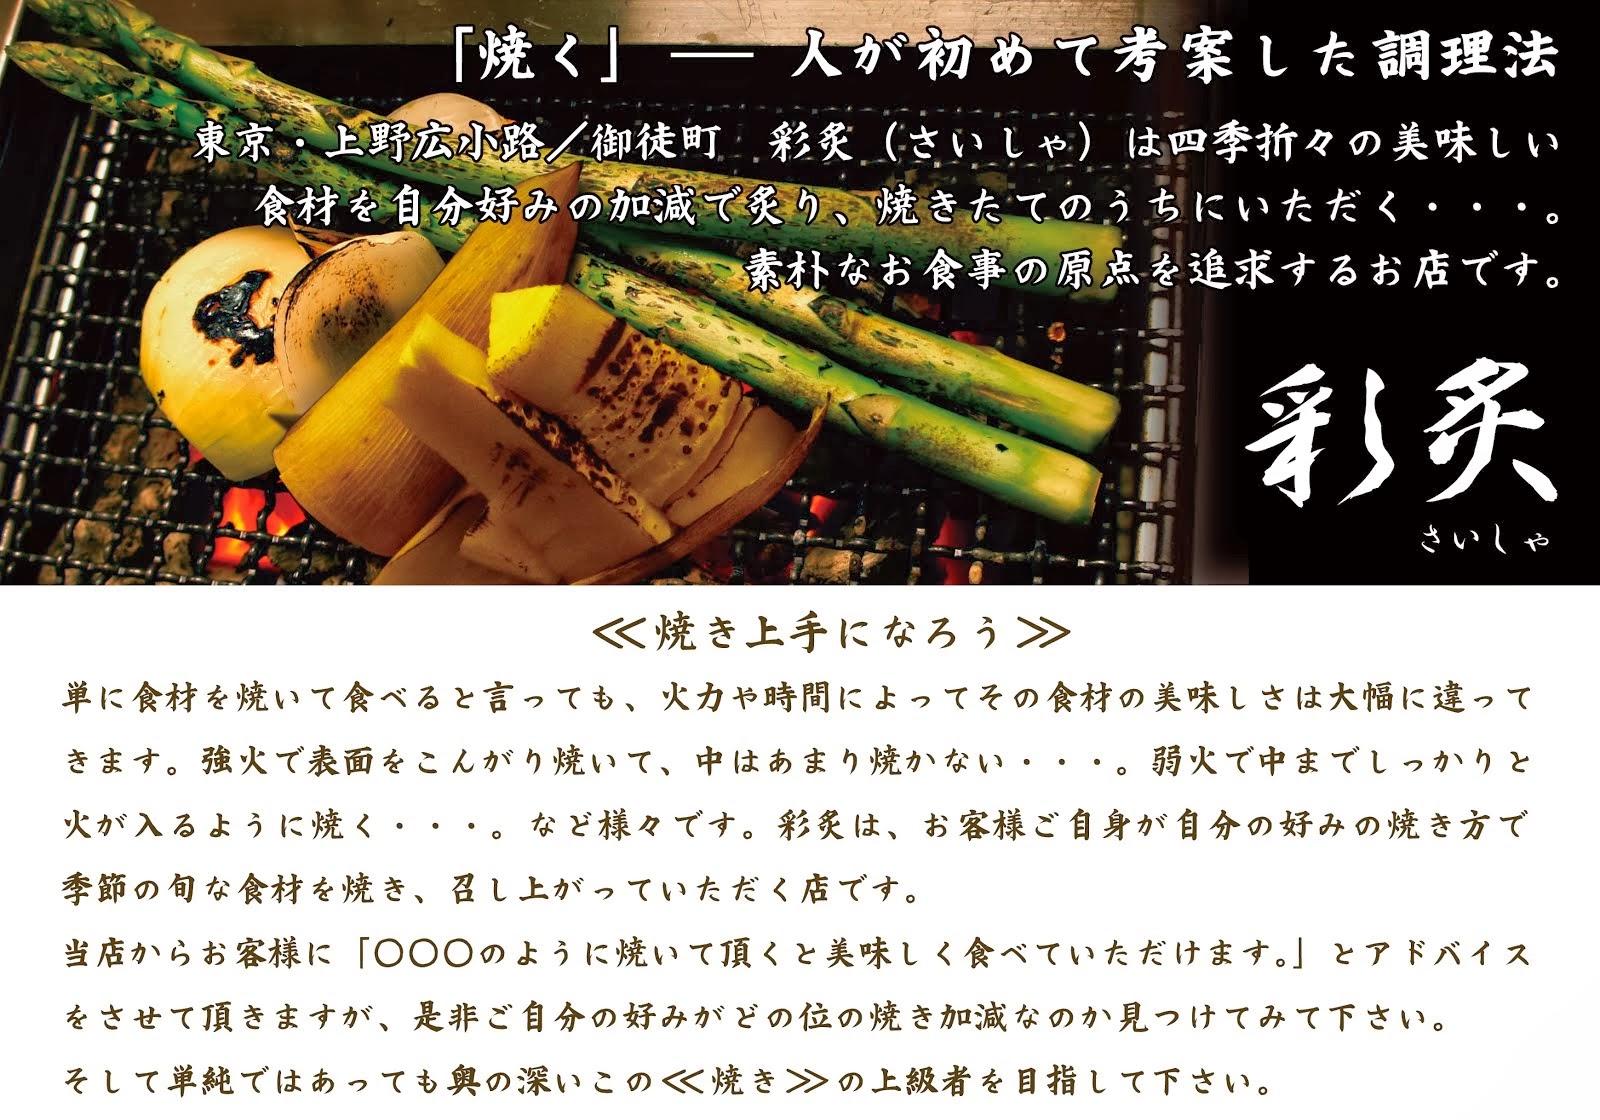 上野広小路・御徒町 彩炙(さいしゃ)